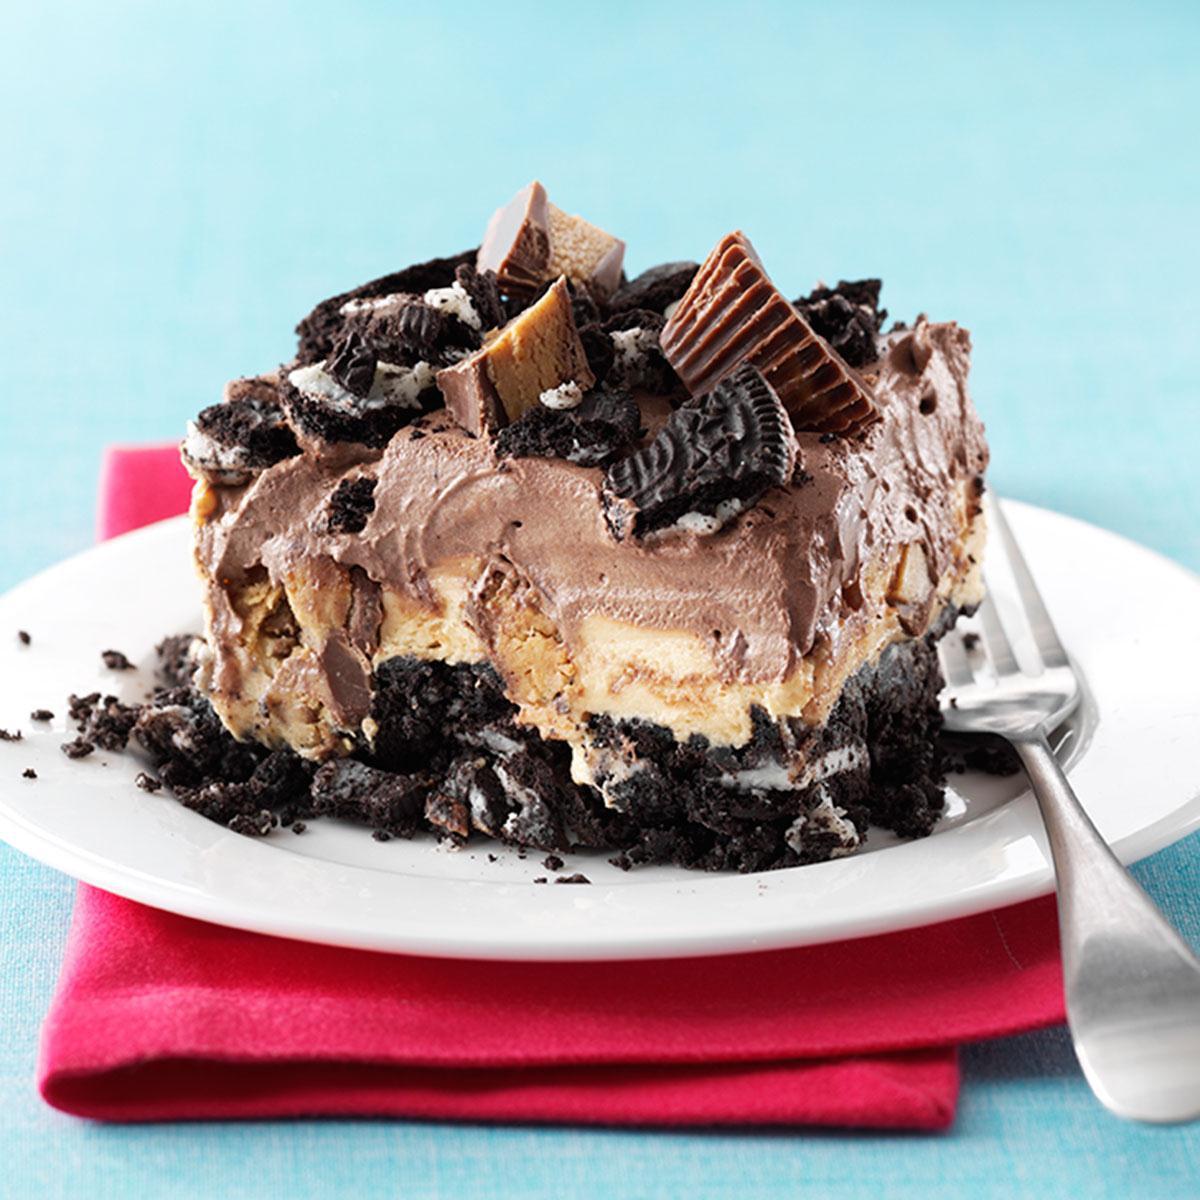 Best Desserts Recipes  Peanut Butter Chocolate Dessert Recipe